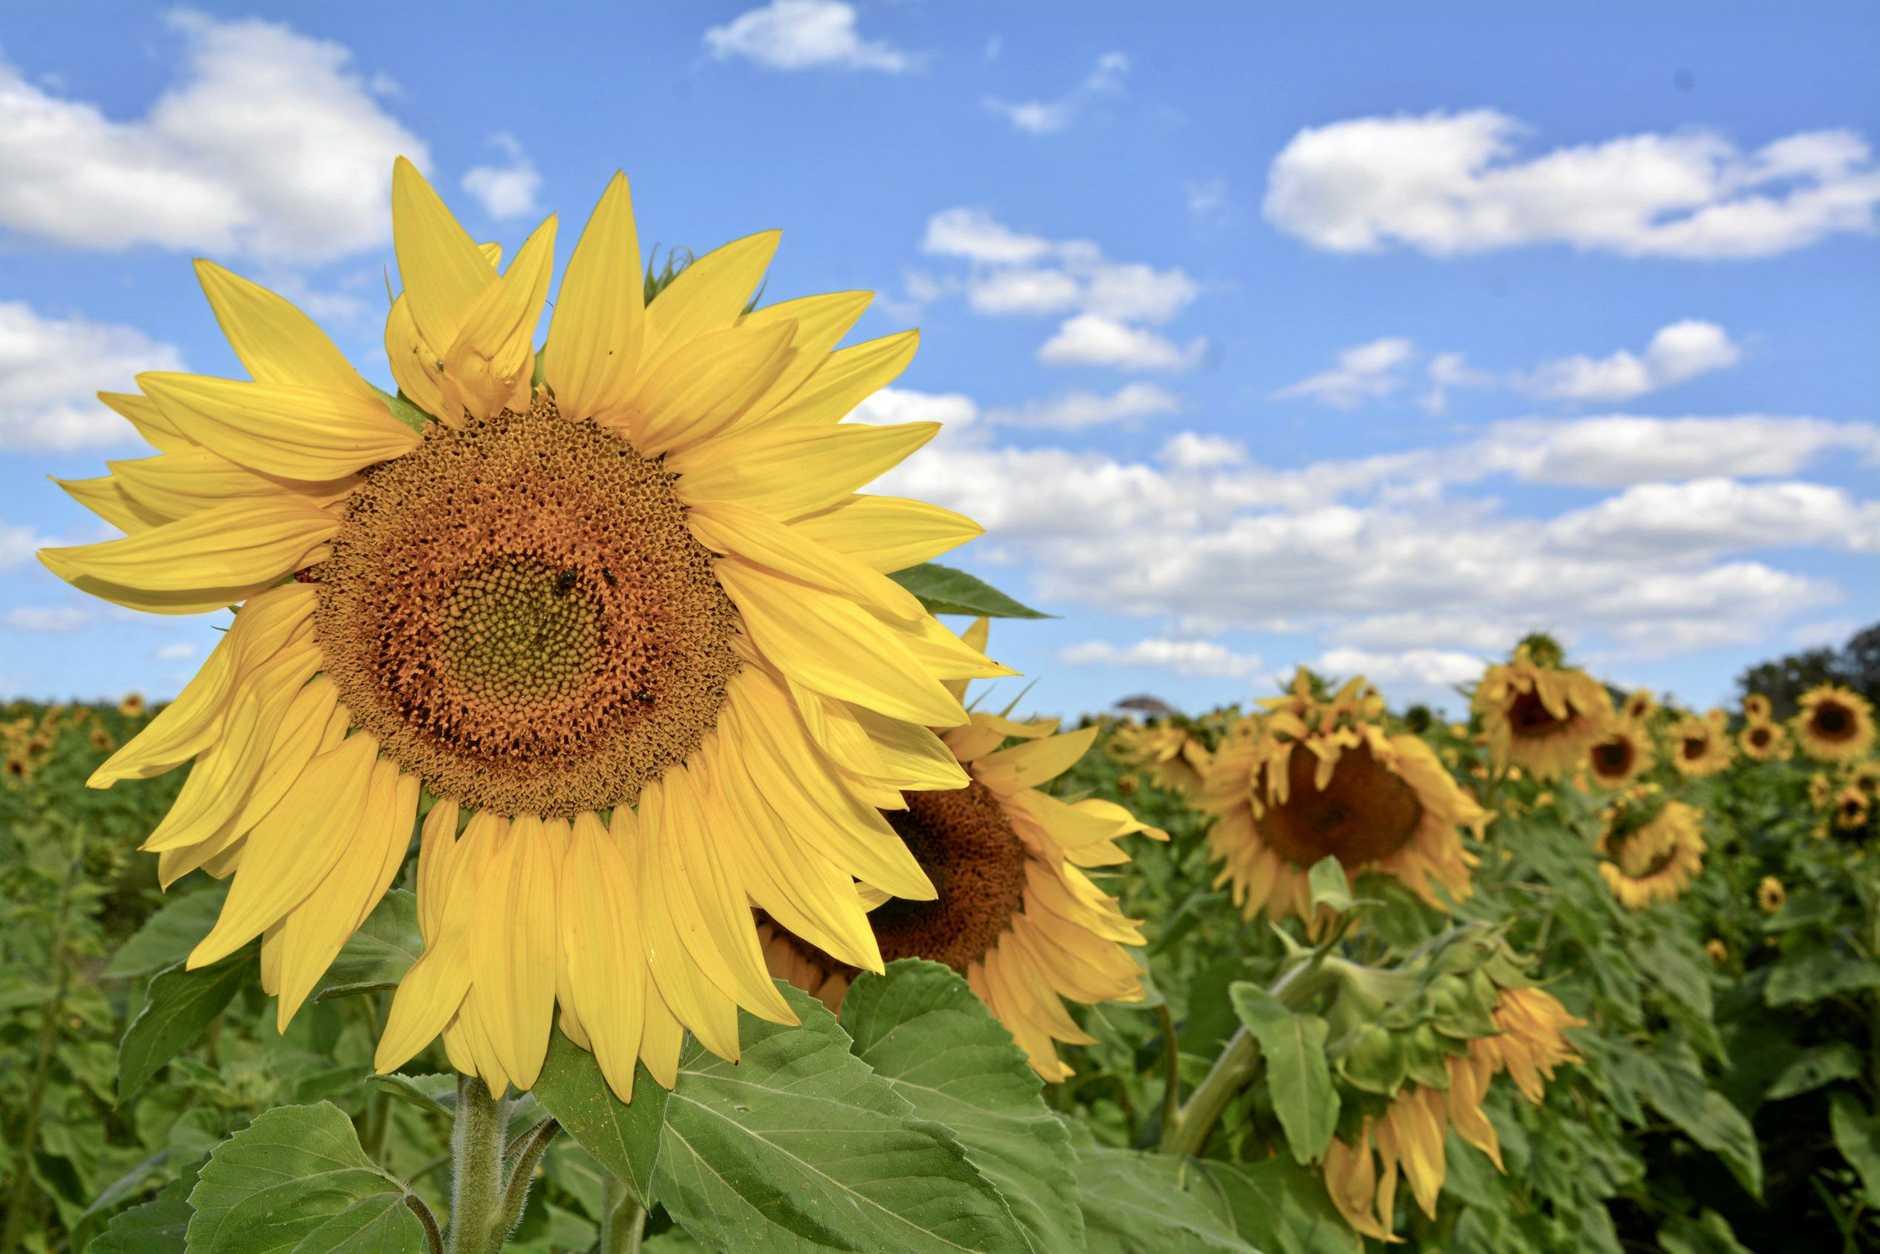 A wander through the sunflower farm at Marian.